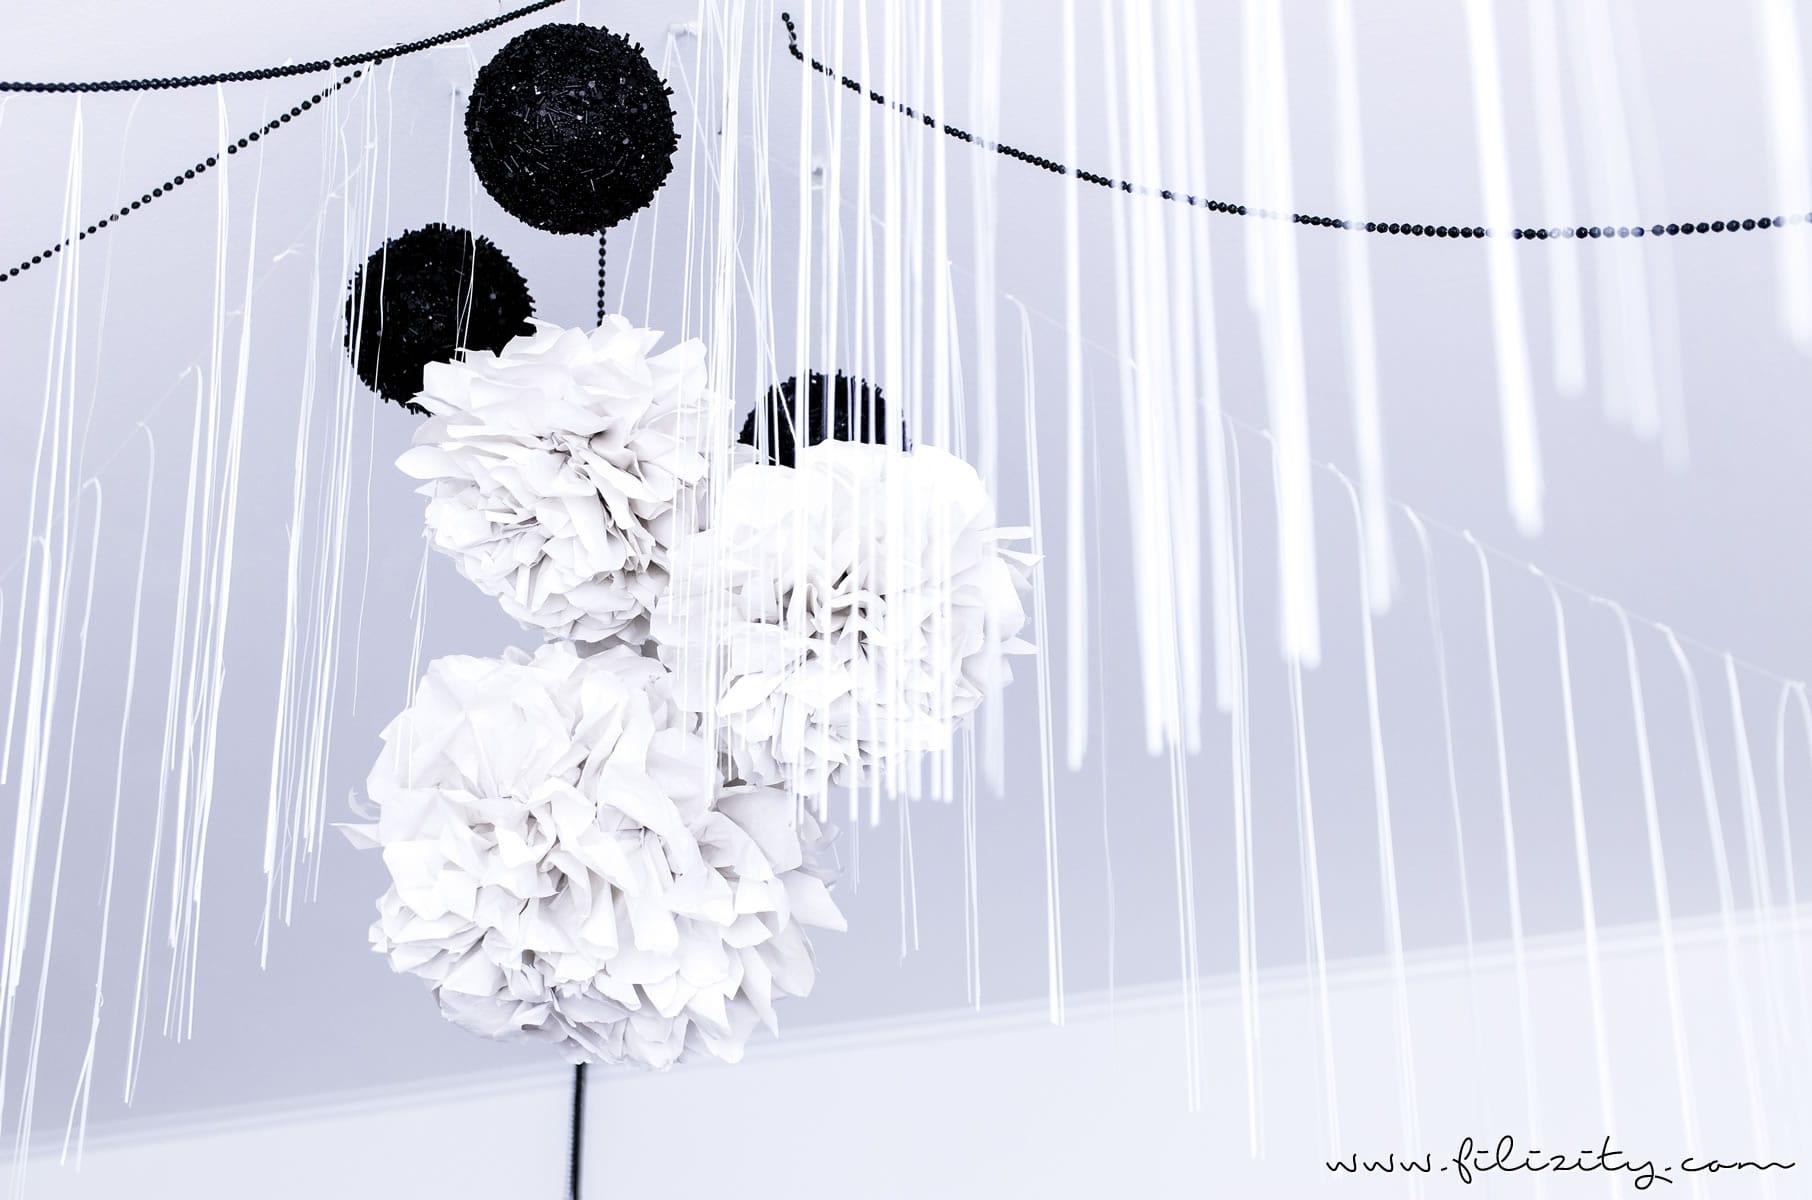 DIY Party-Deko: Papier Pompons basteln für die Geburtstagsfeier, als Hochzeitsdeko oder für die Silvester-Party | Filizity.com | DIY-Blog aus dem Rheinland #party #silvester #nye